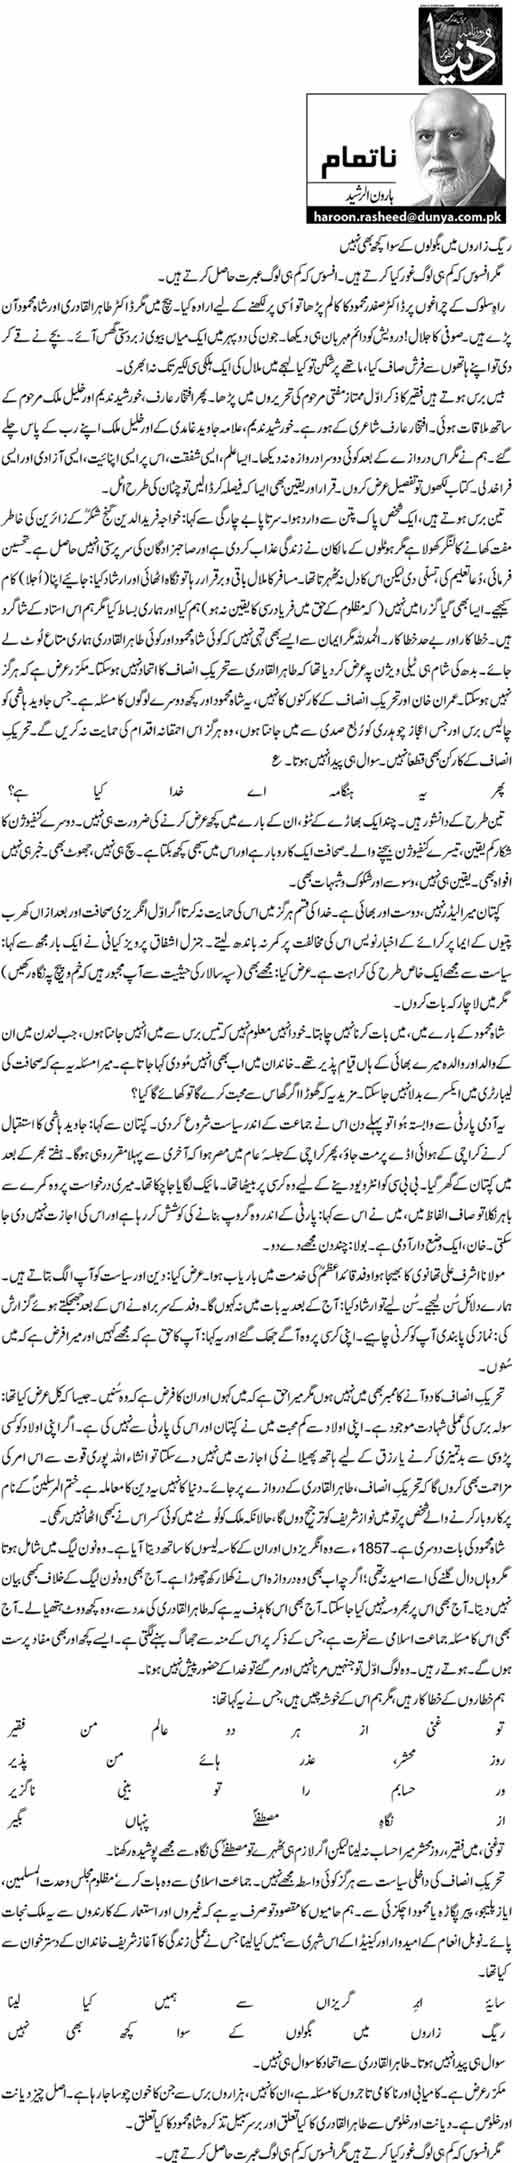 Raig zaroon main bagolon k siwa kuch bhi nahi - Haroon-ur-Rasheed